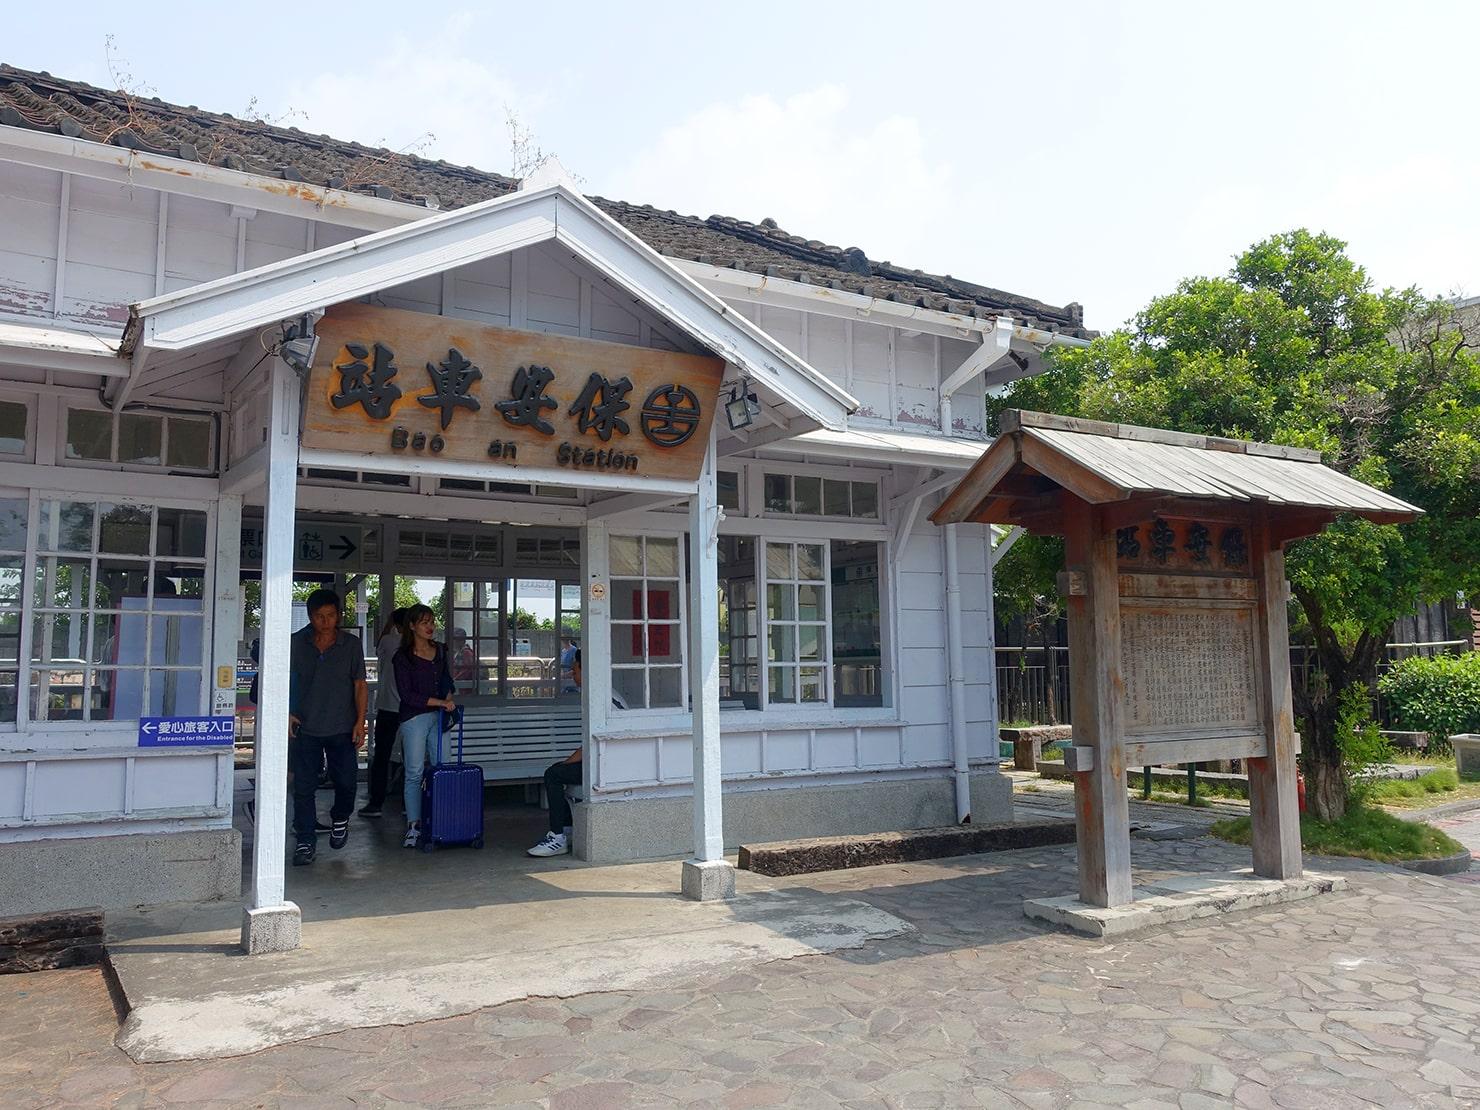 台鐵(台湾鉄道)・保安駅の外観